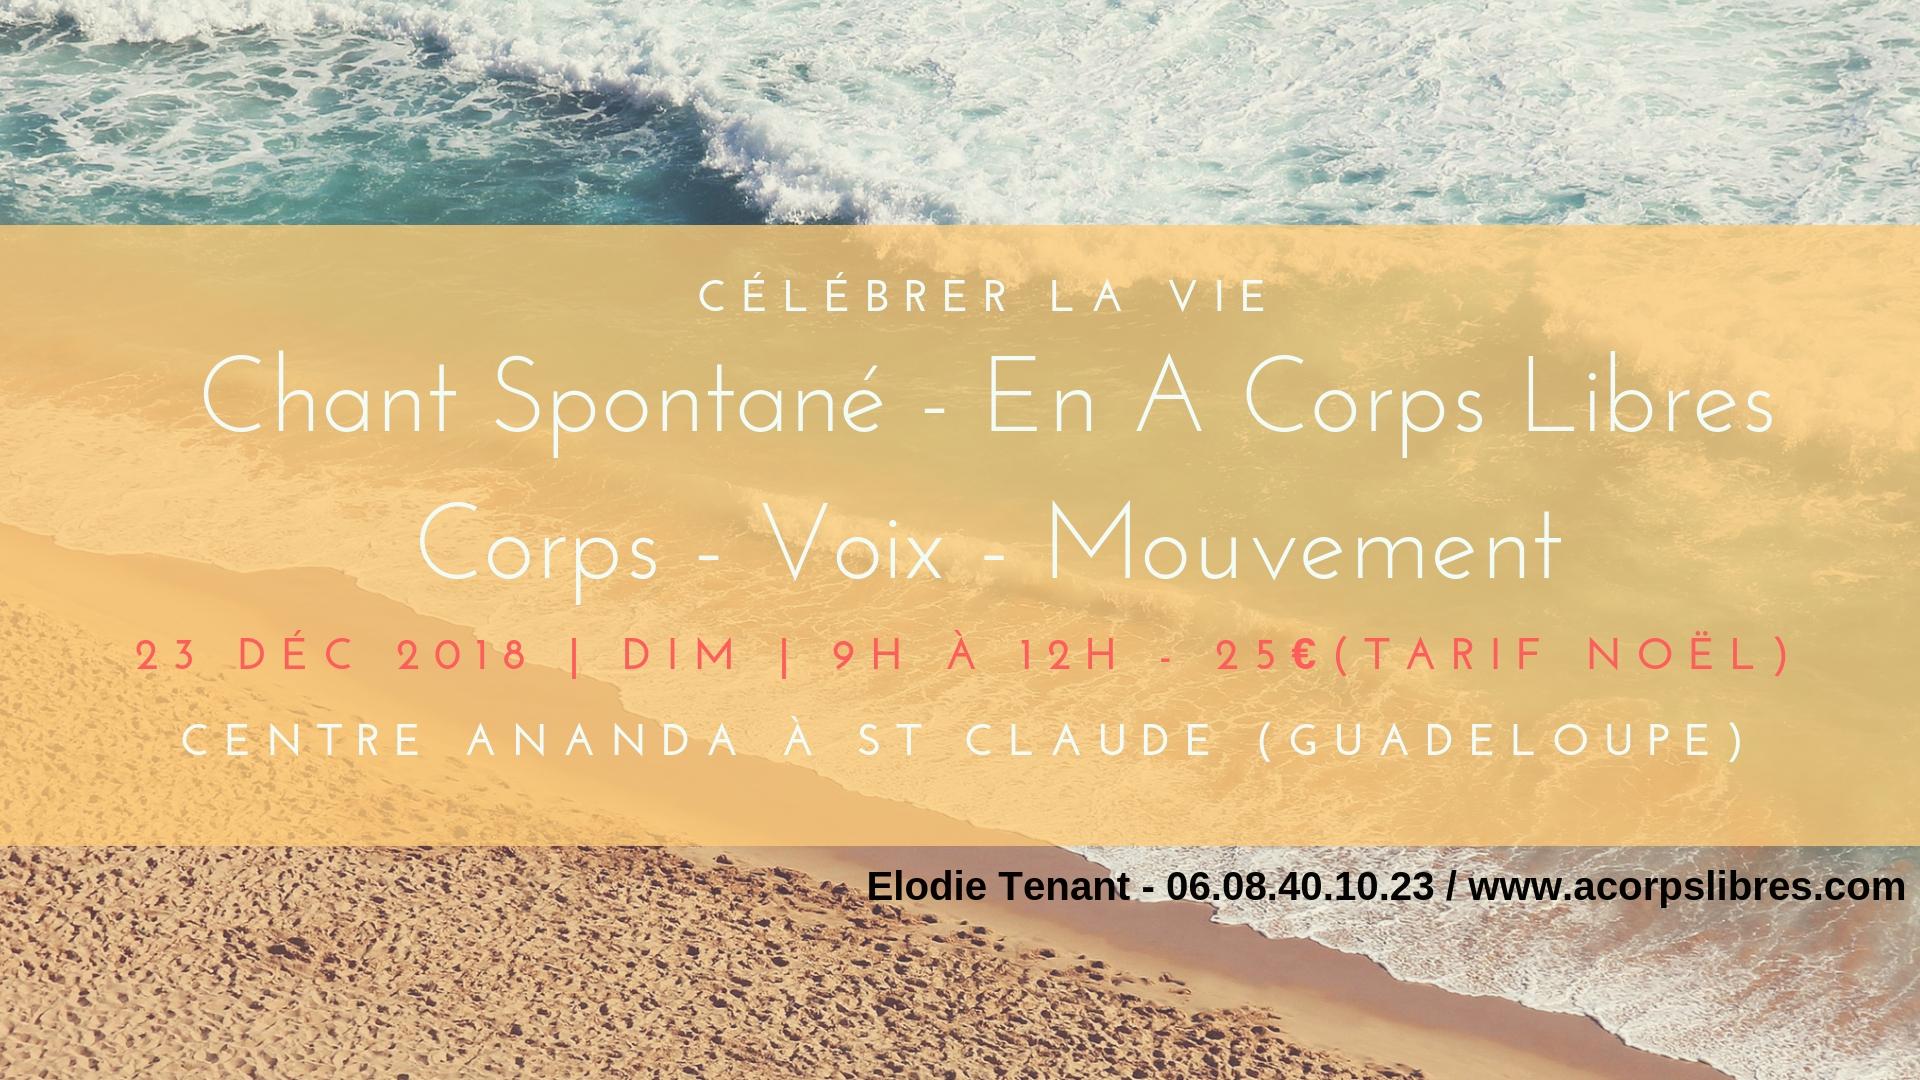 Atelier Chant Spontané St Claude 23 janv